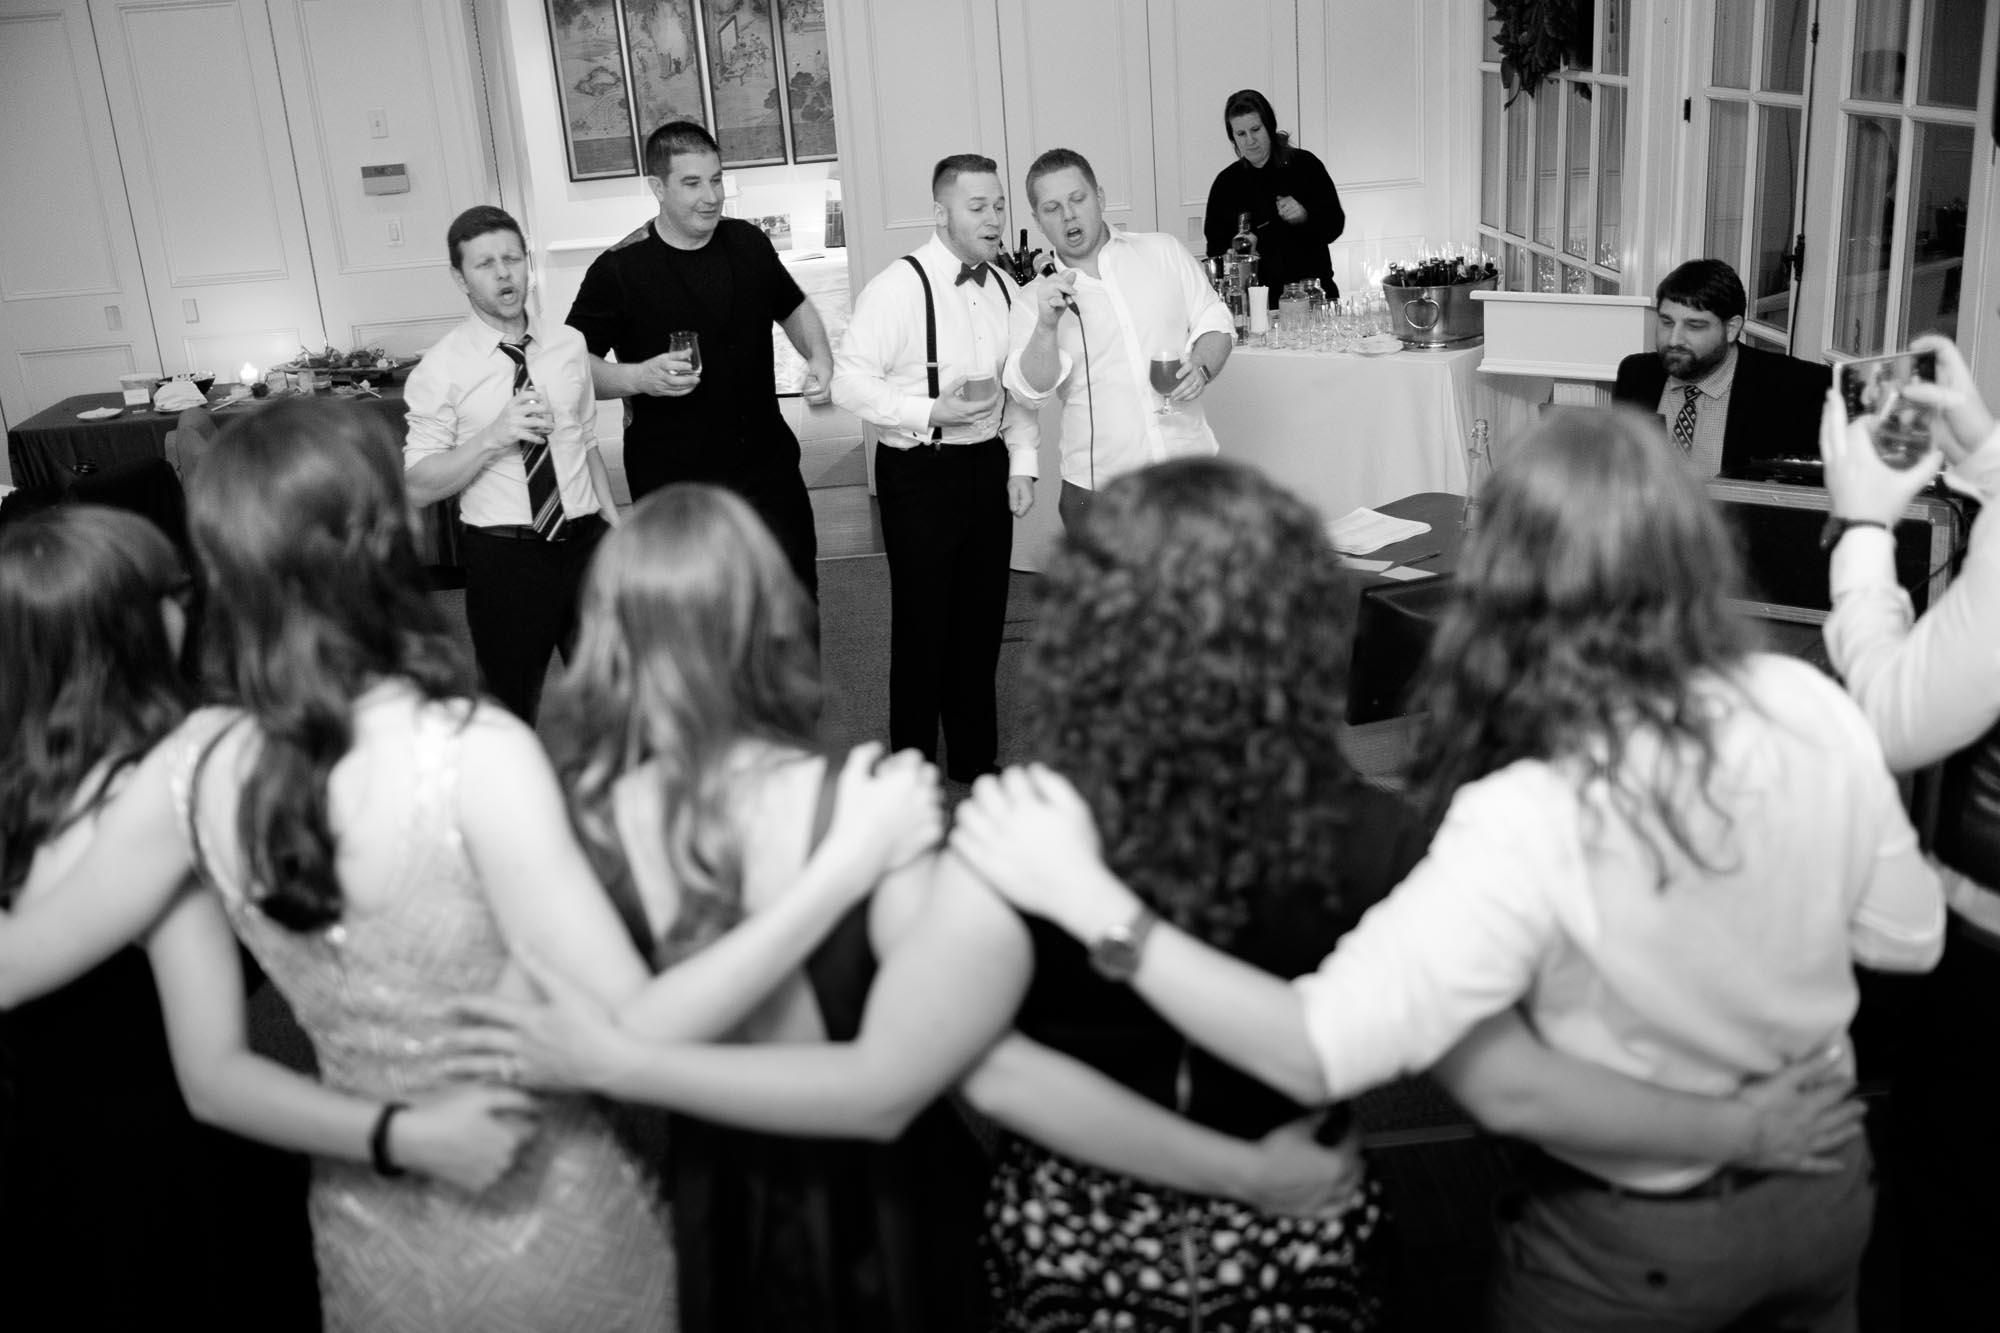 Everyone sings karaoke during Rob & Amanda's wedding reception at Langdon Hall.